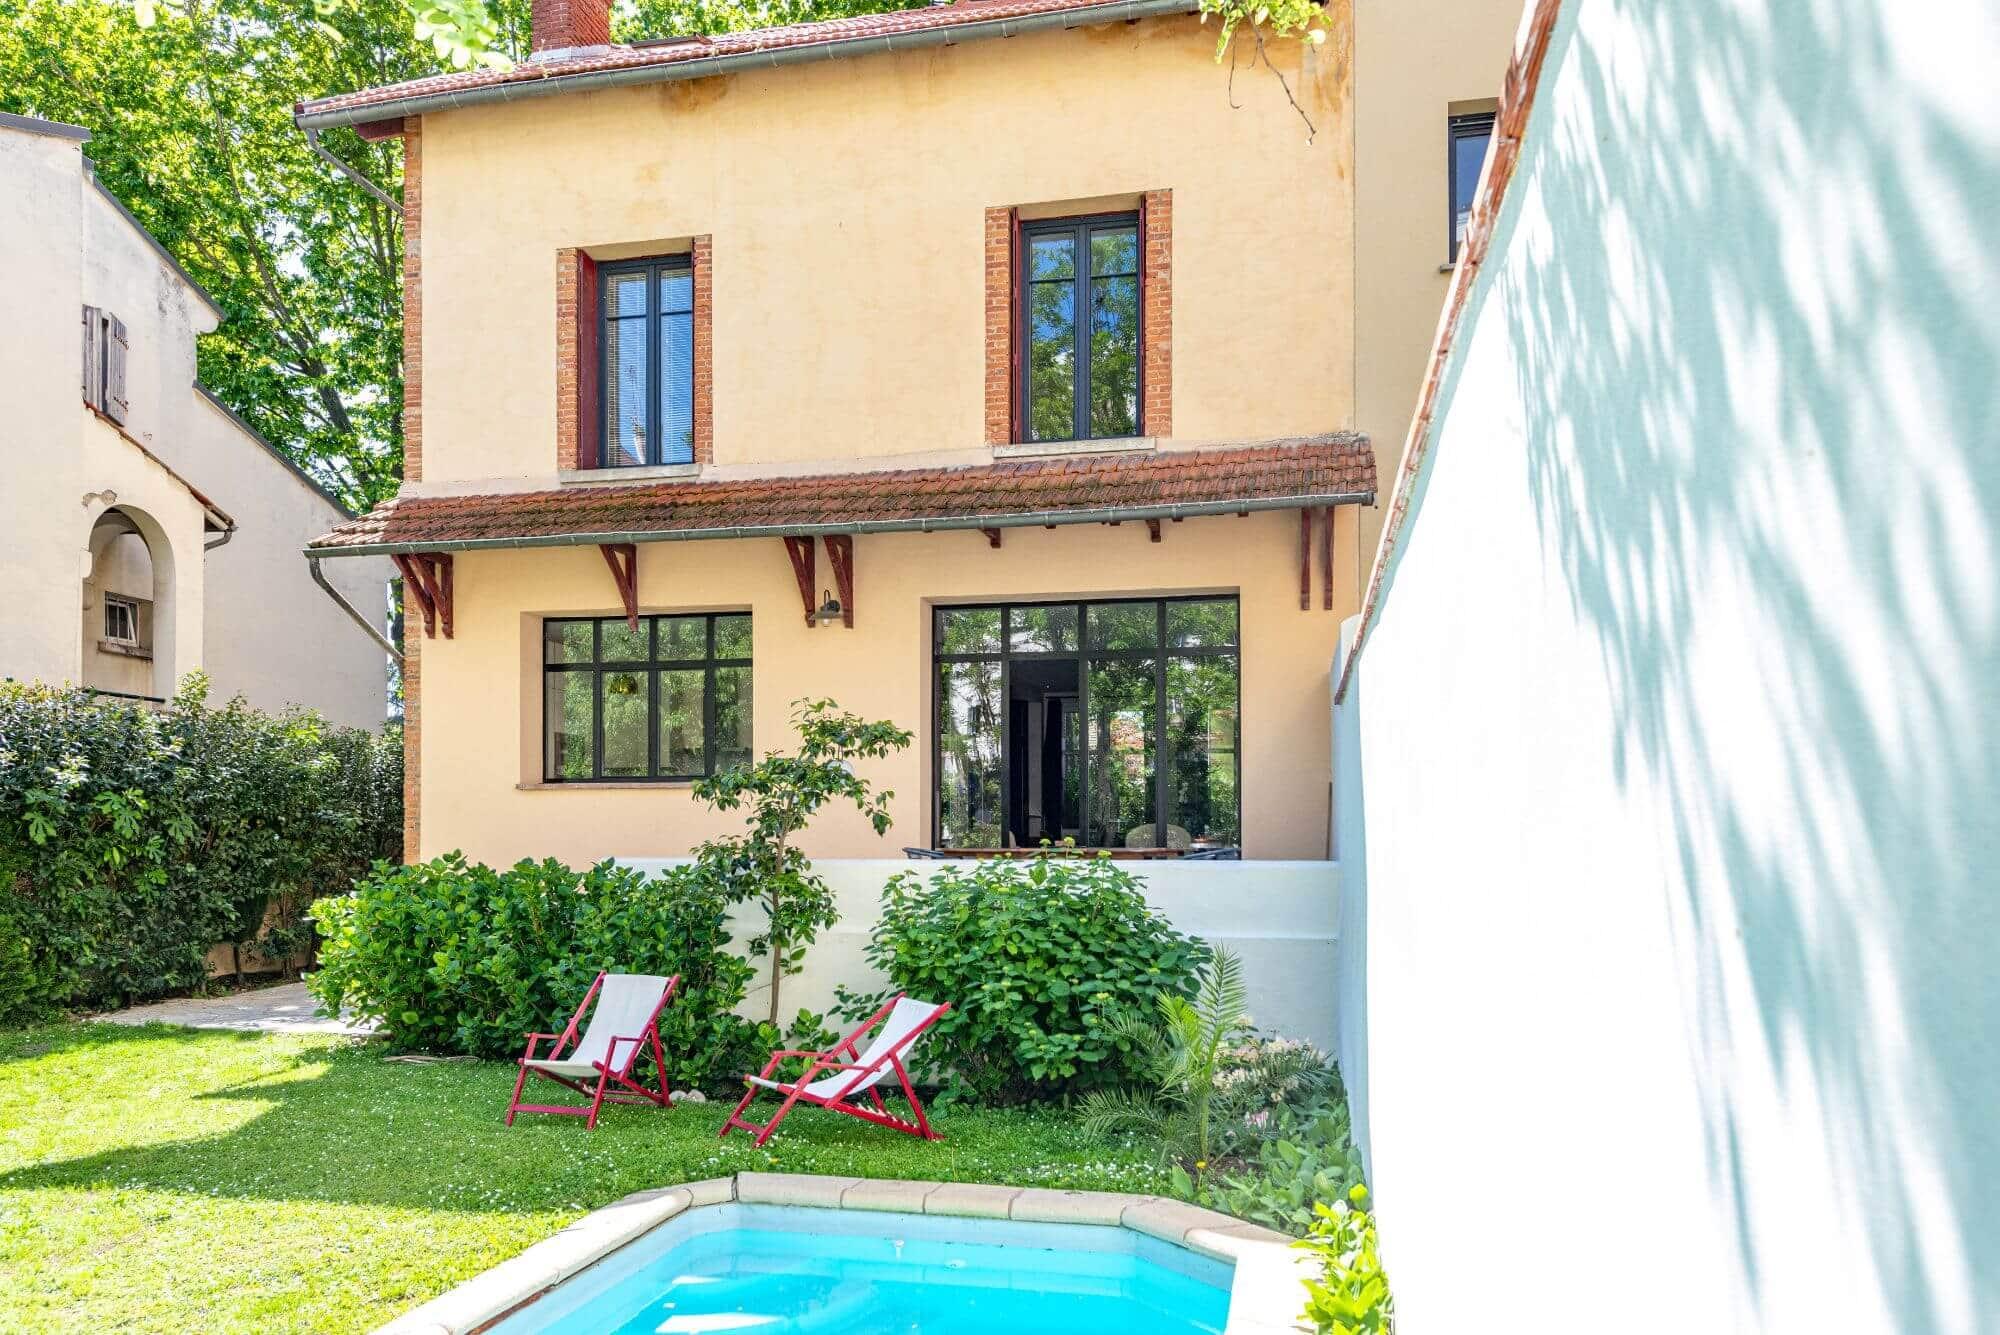 Maison, Piscine, Maison rénovée, Toulouse